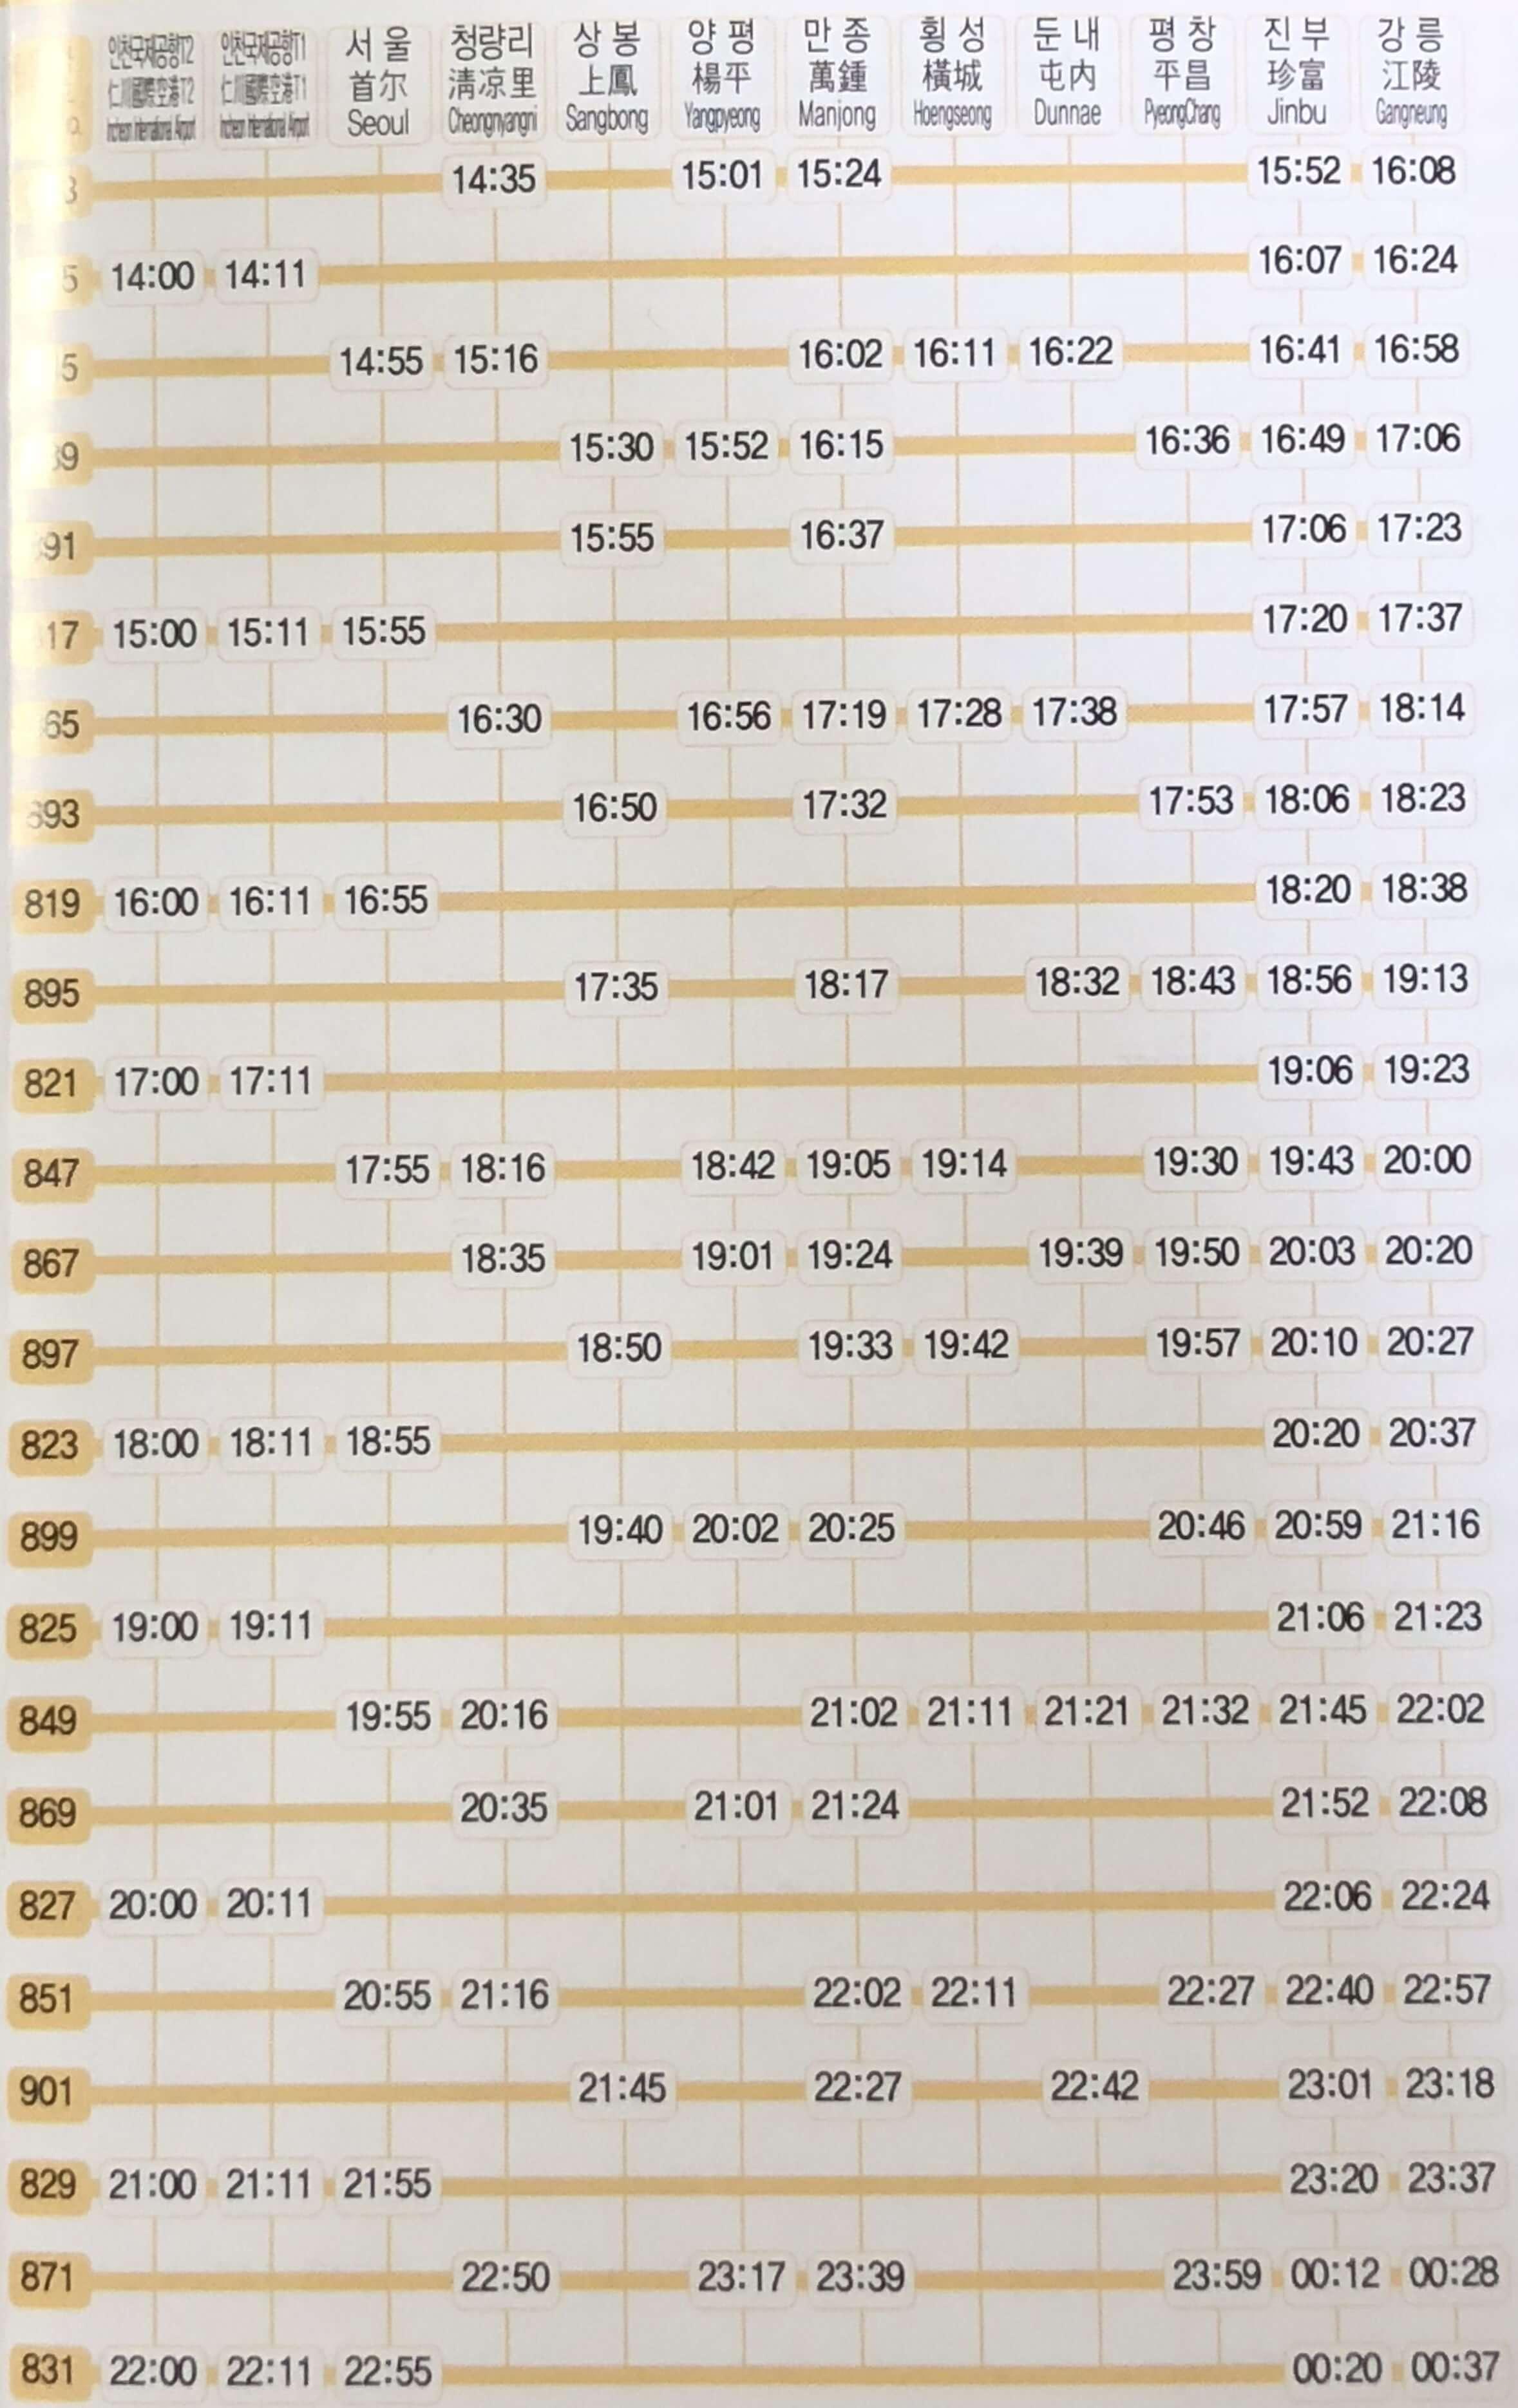 ソウルから江陵(カンヌン)のKTXの時刻表(2月1日~2月9日)2